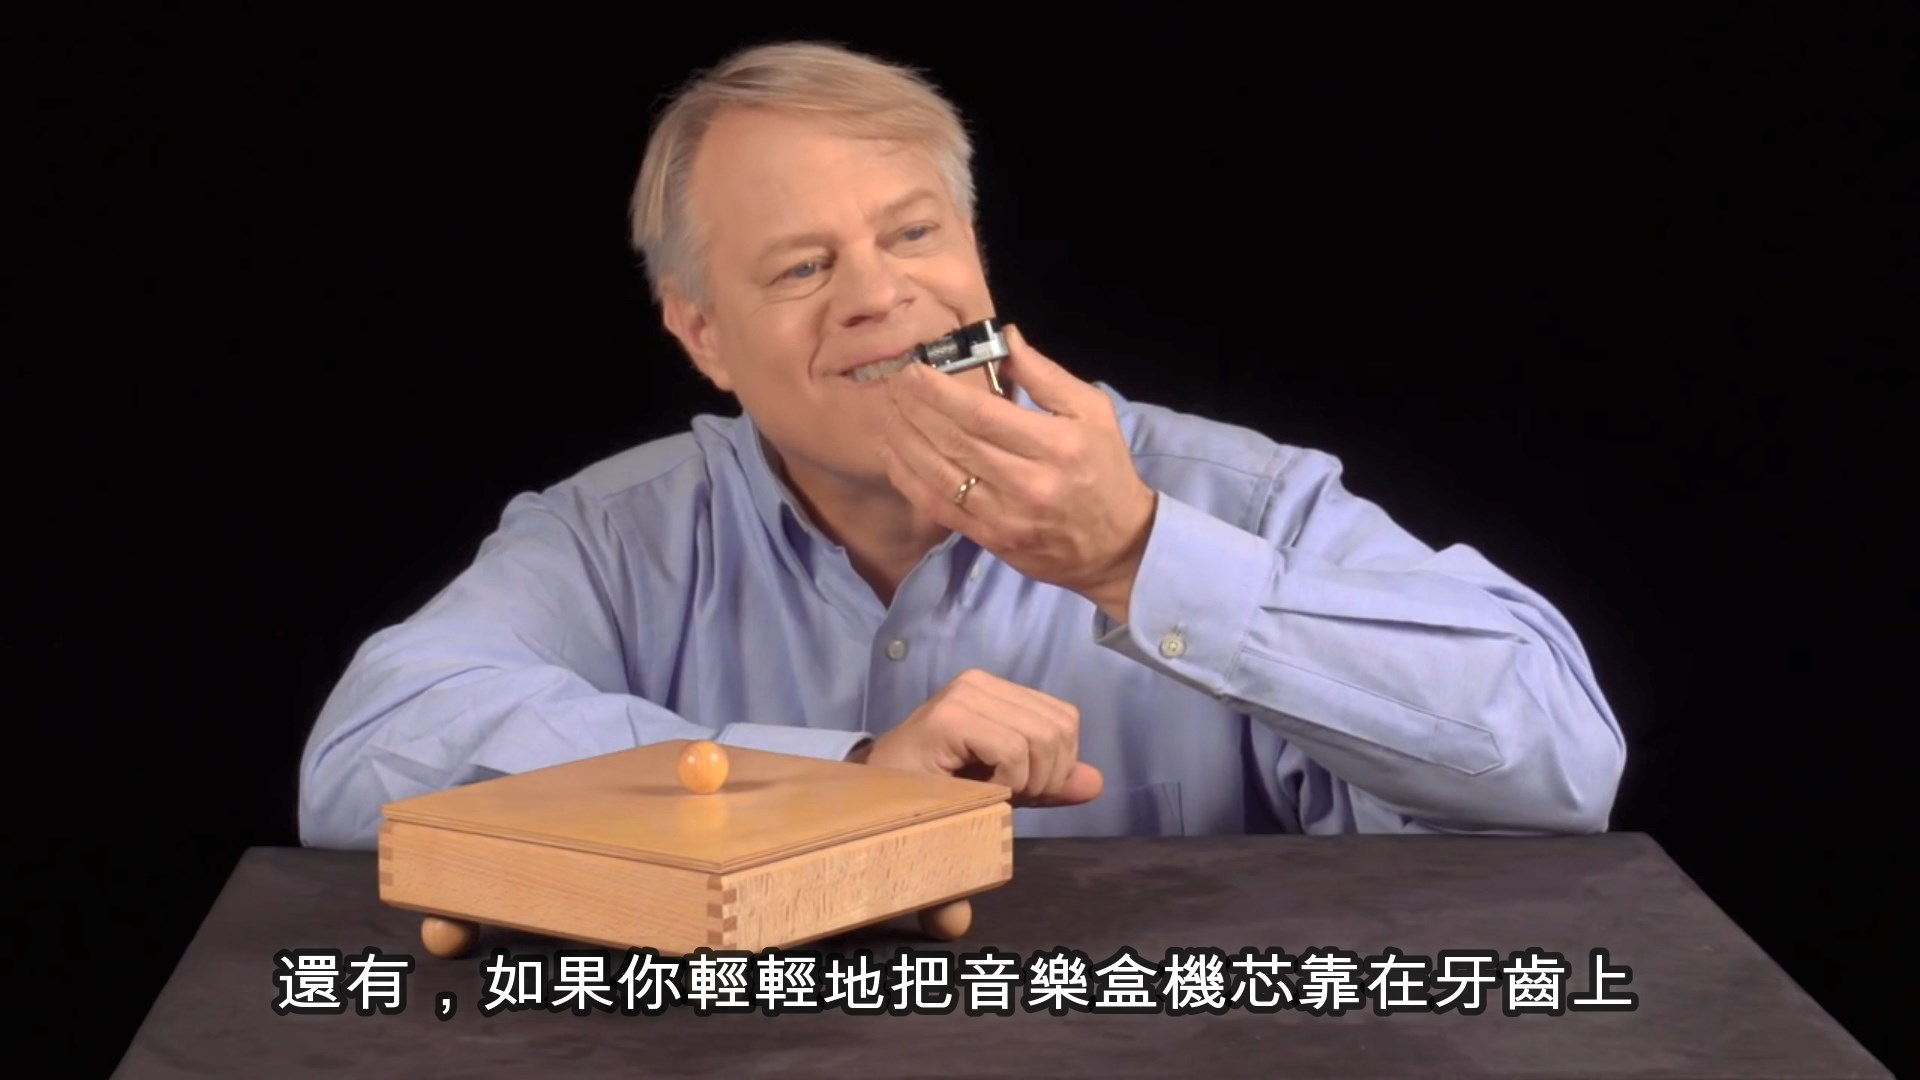 如果你把音樂盒機芯靠在牙齒上